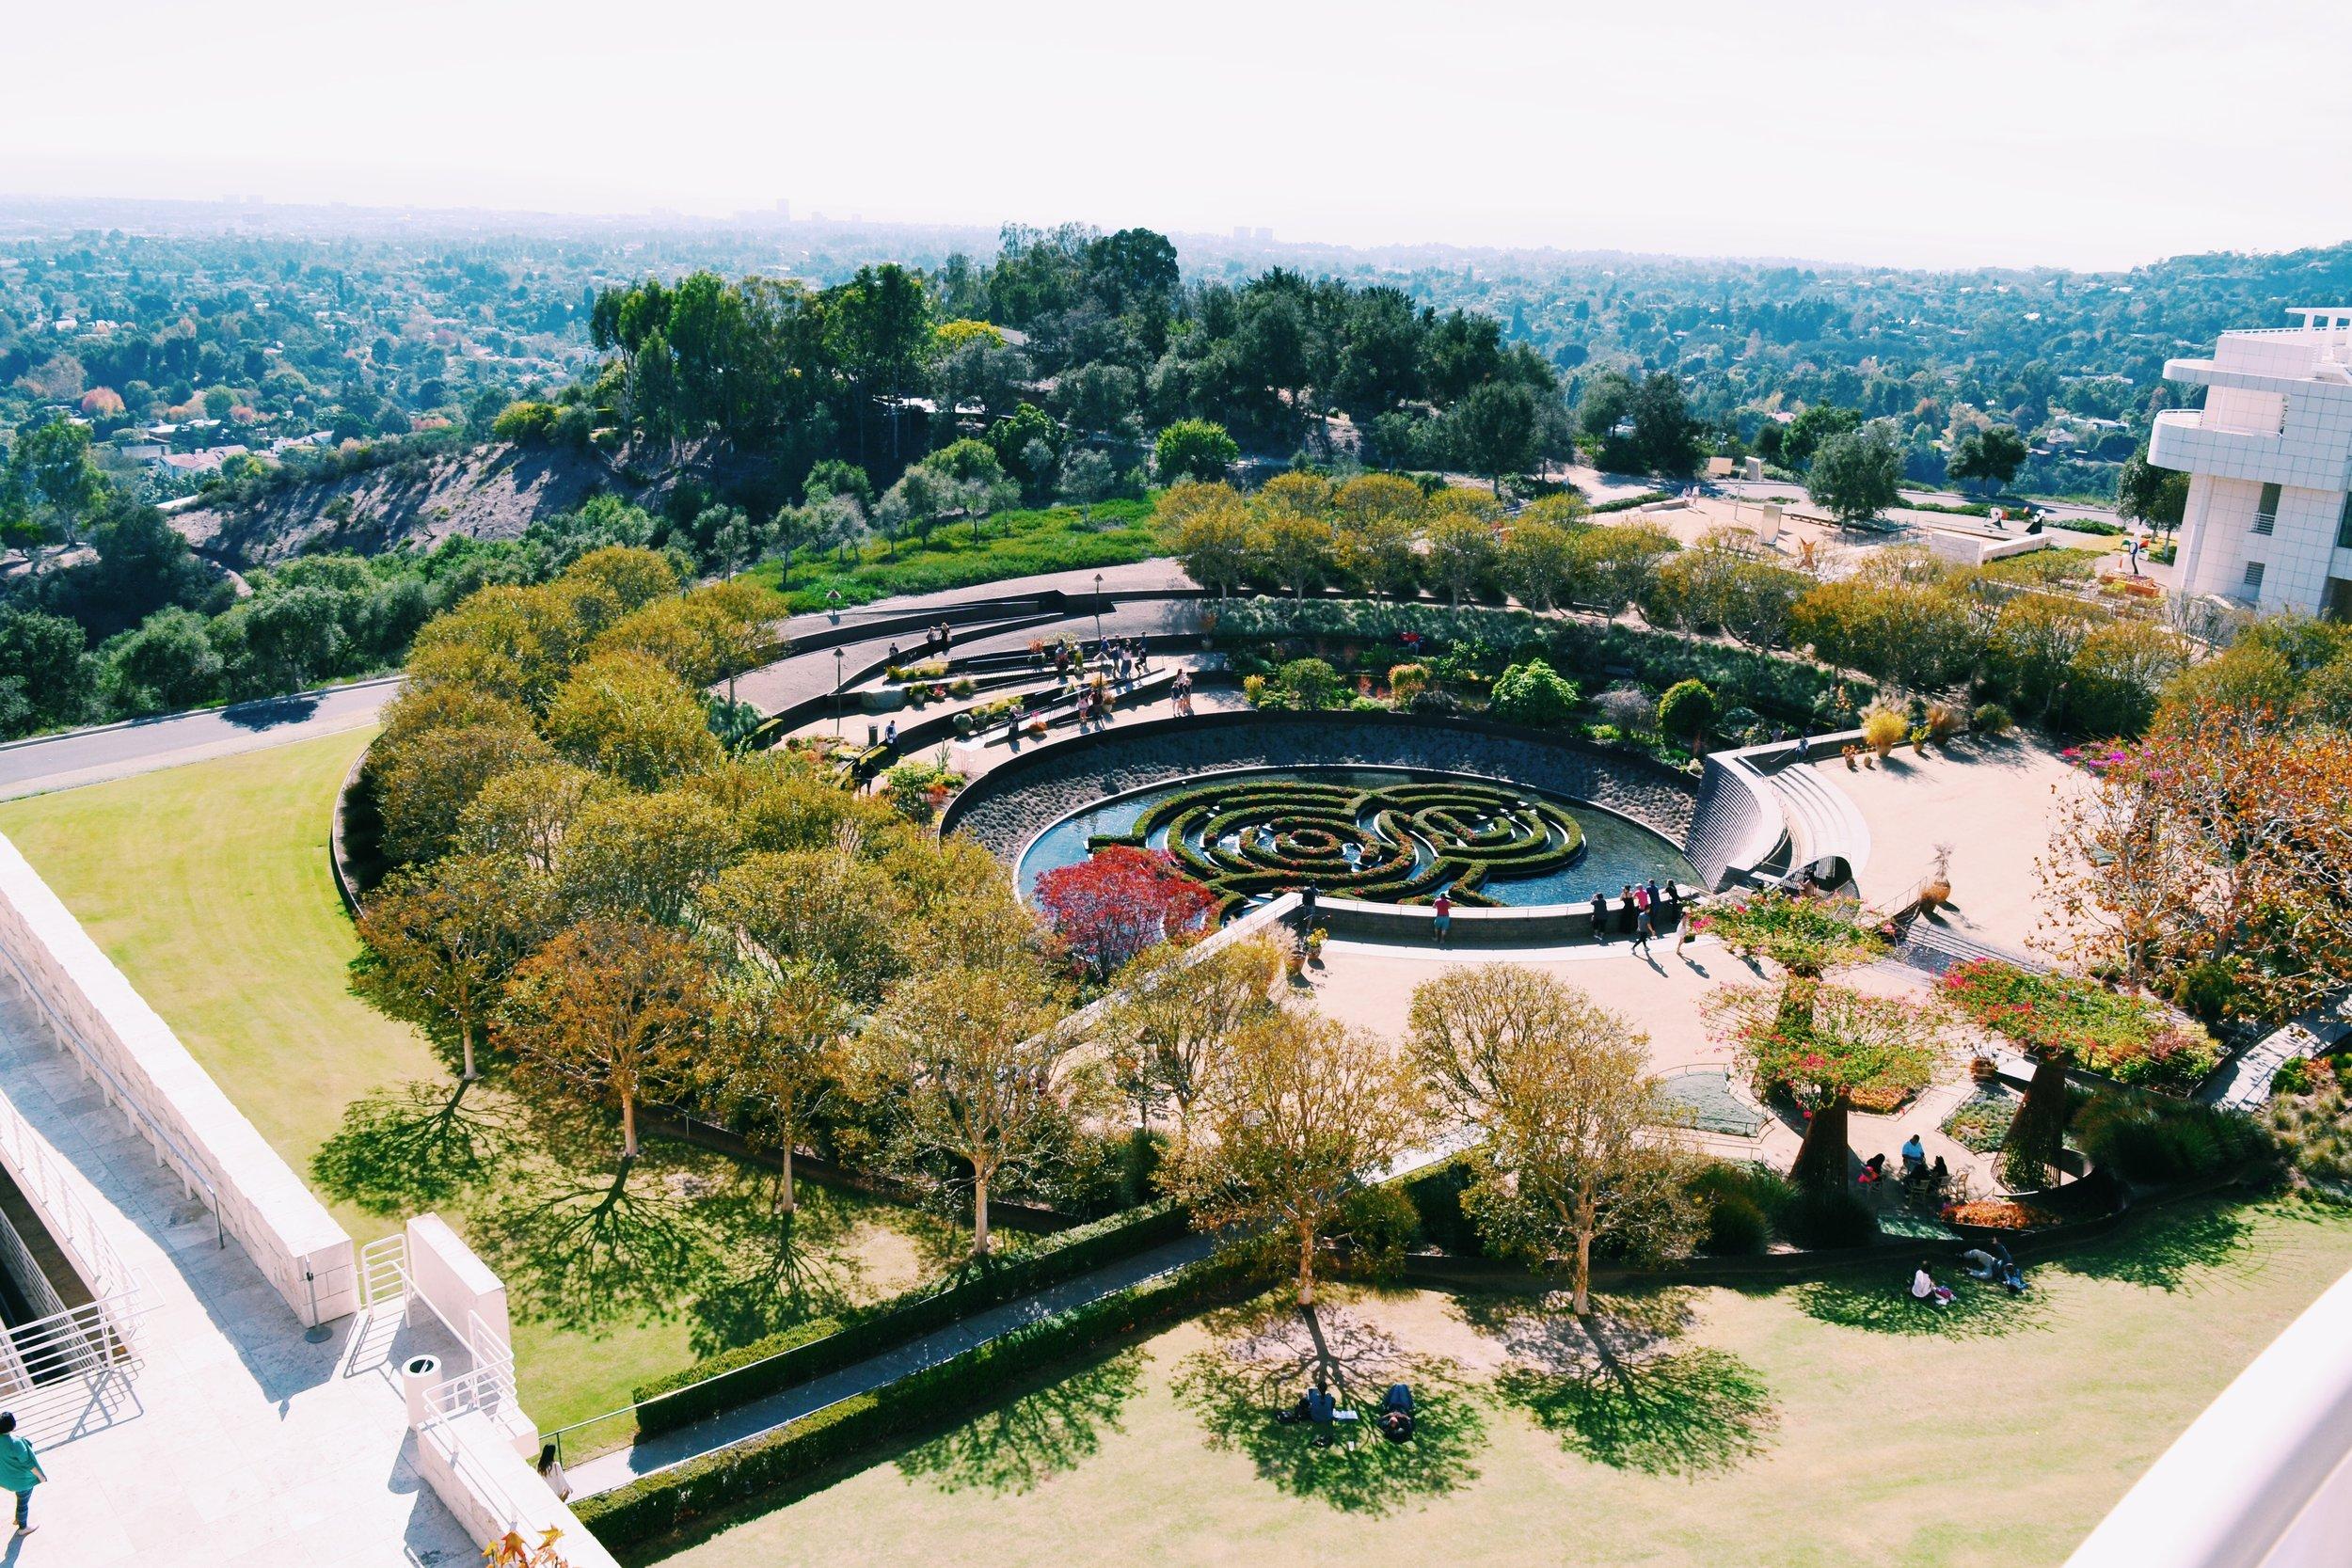 central-garden-getty-center